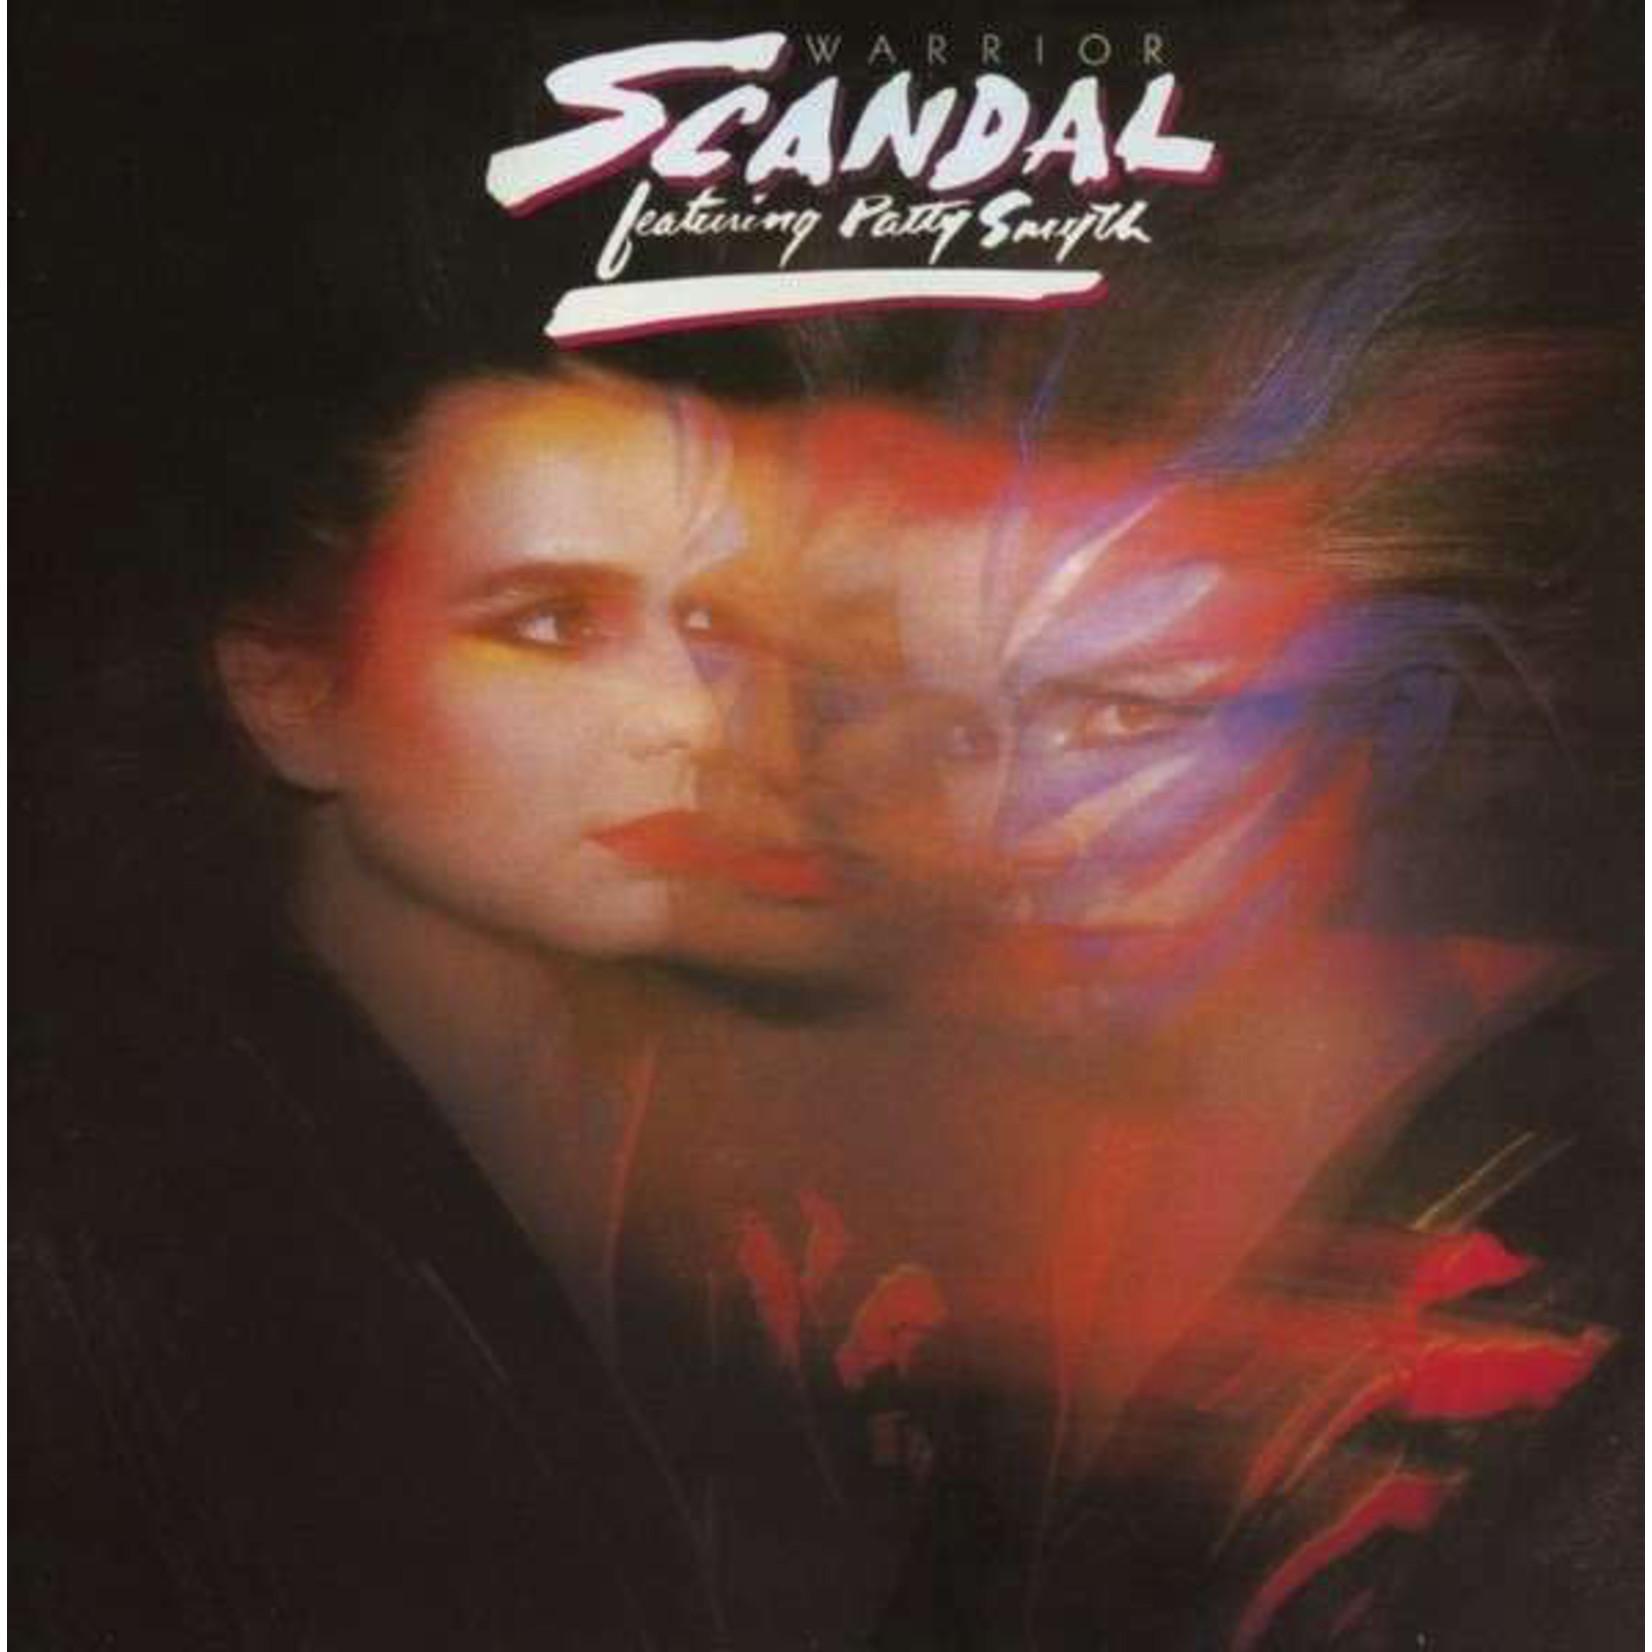 [Vintage] Scandal: Warrior